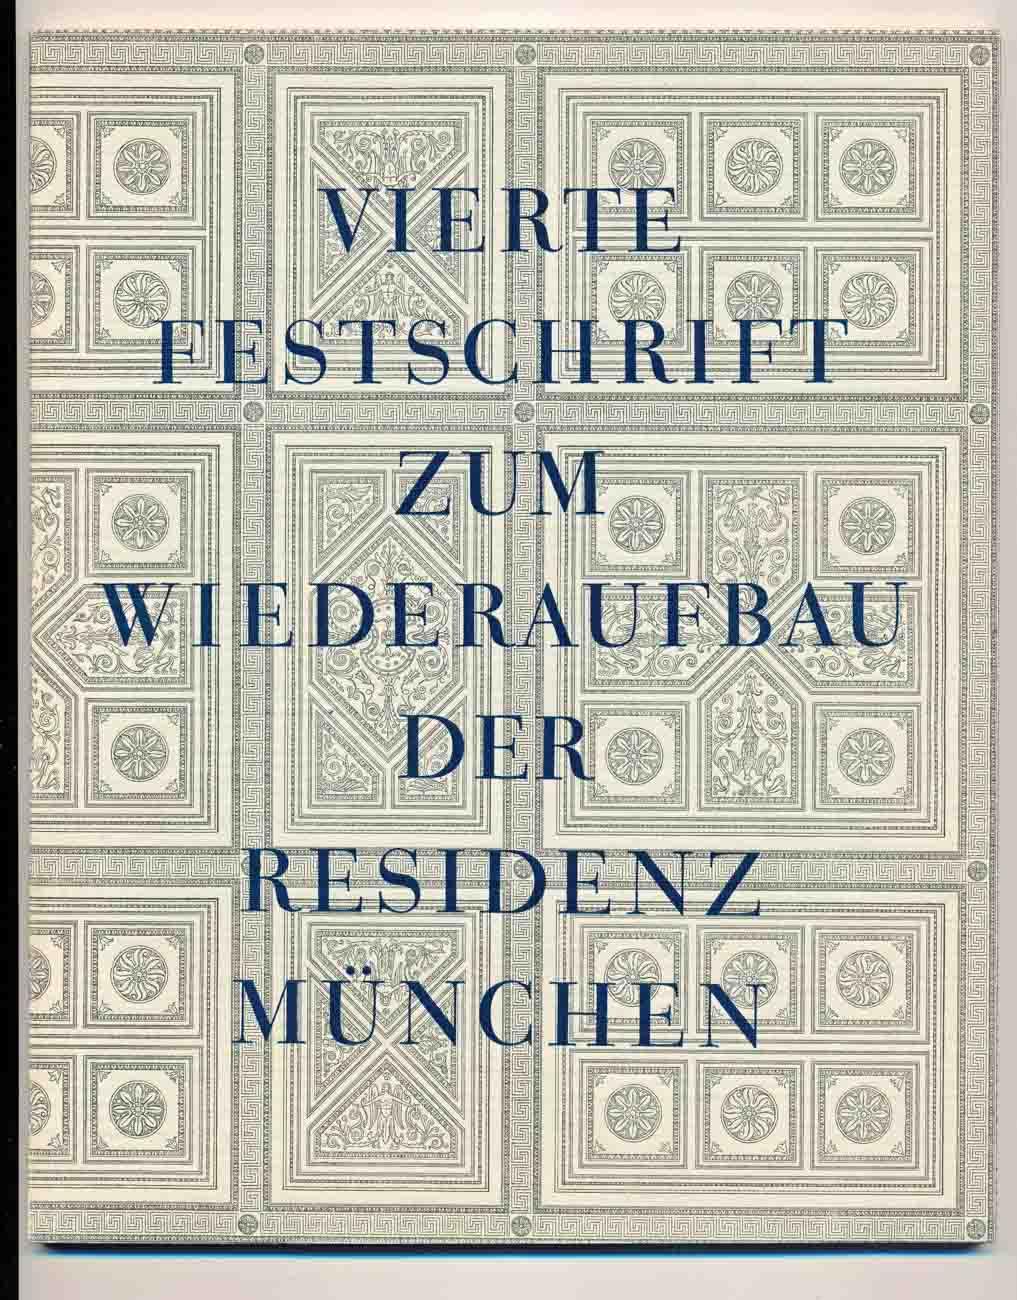 Vierte Festschrift zum Wiederaufbau der Residenz München. Ausbau des Festsaalbauflügels an der Nordostecke der Residenz.